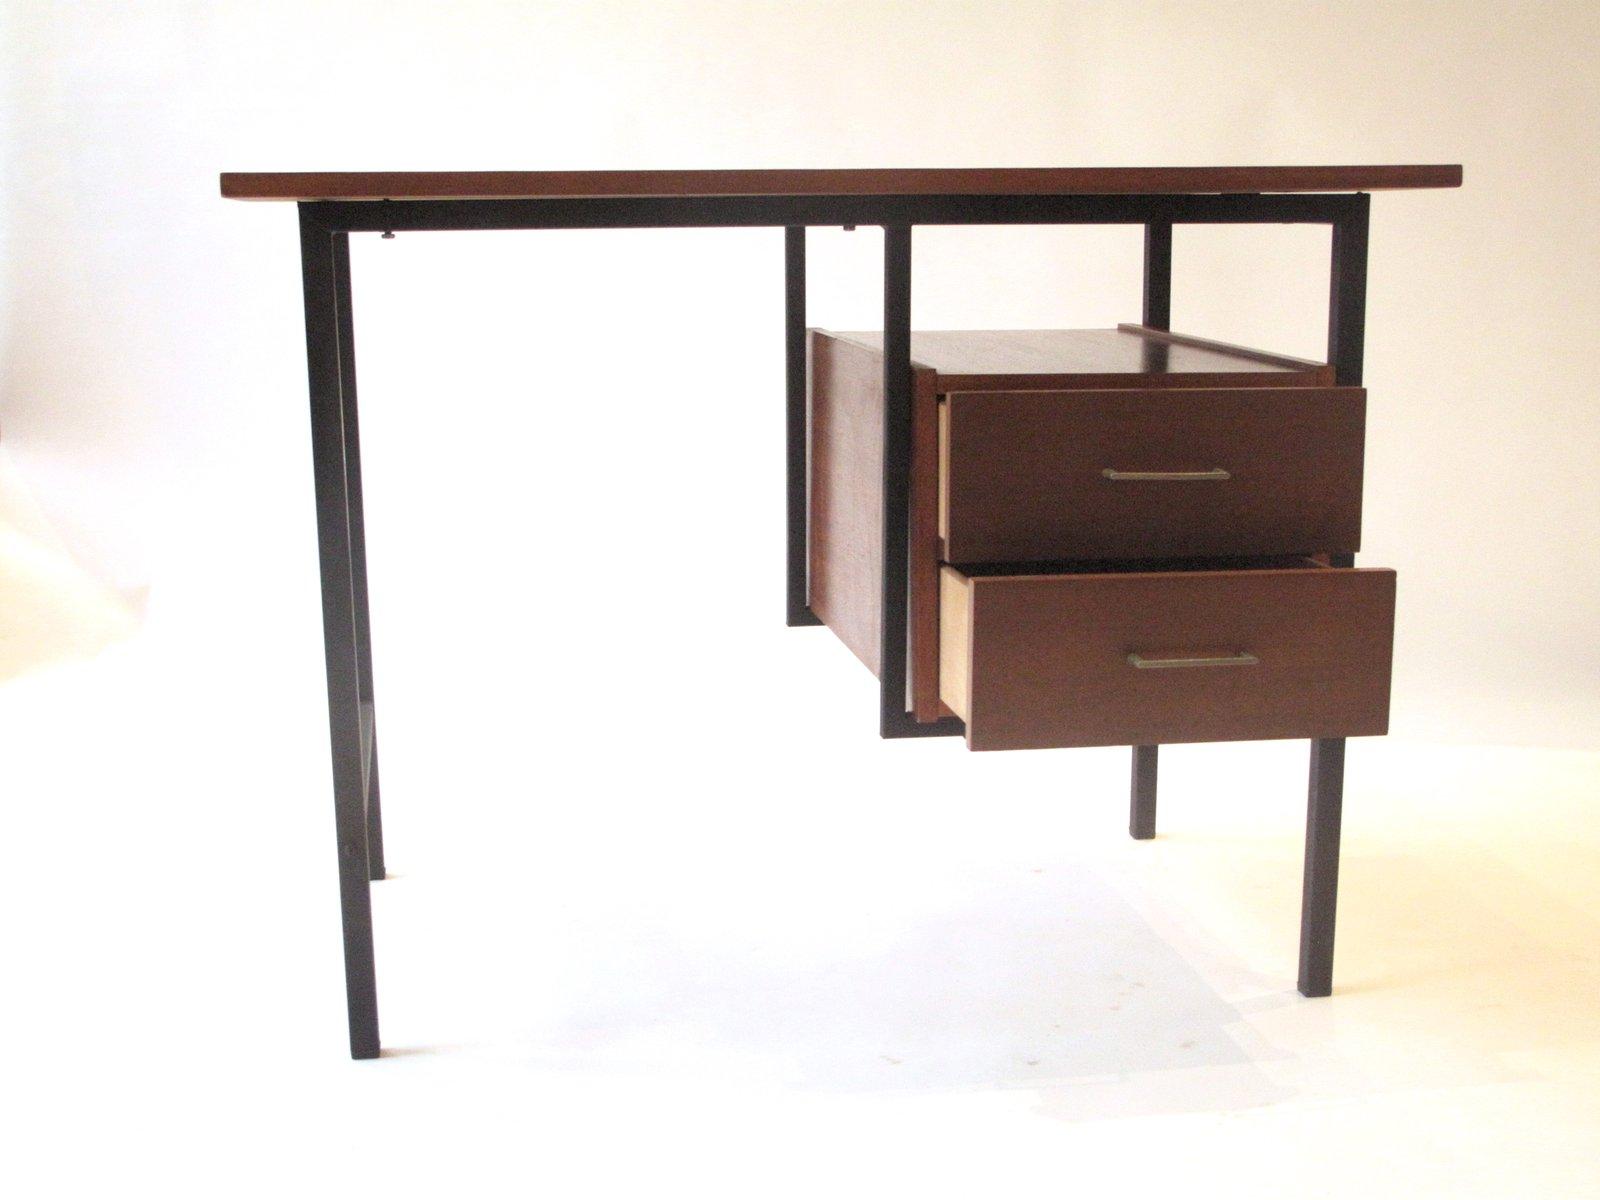 Bureau en bois et m tal 1960s en vente sur pamono - Bureau metal et bois ...